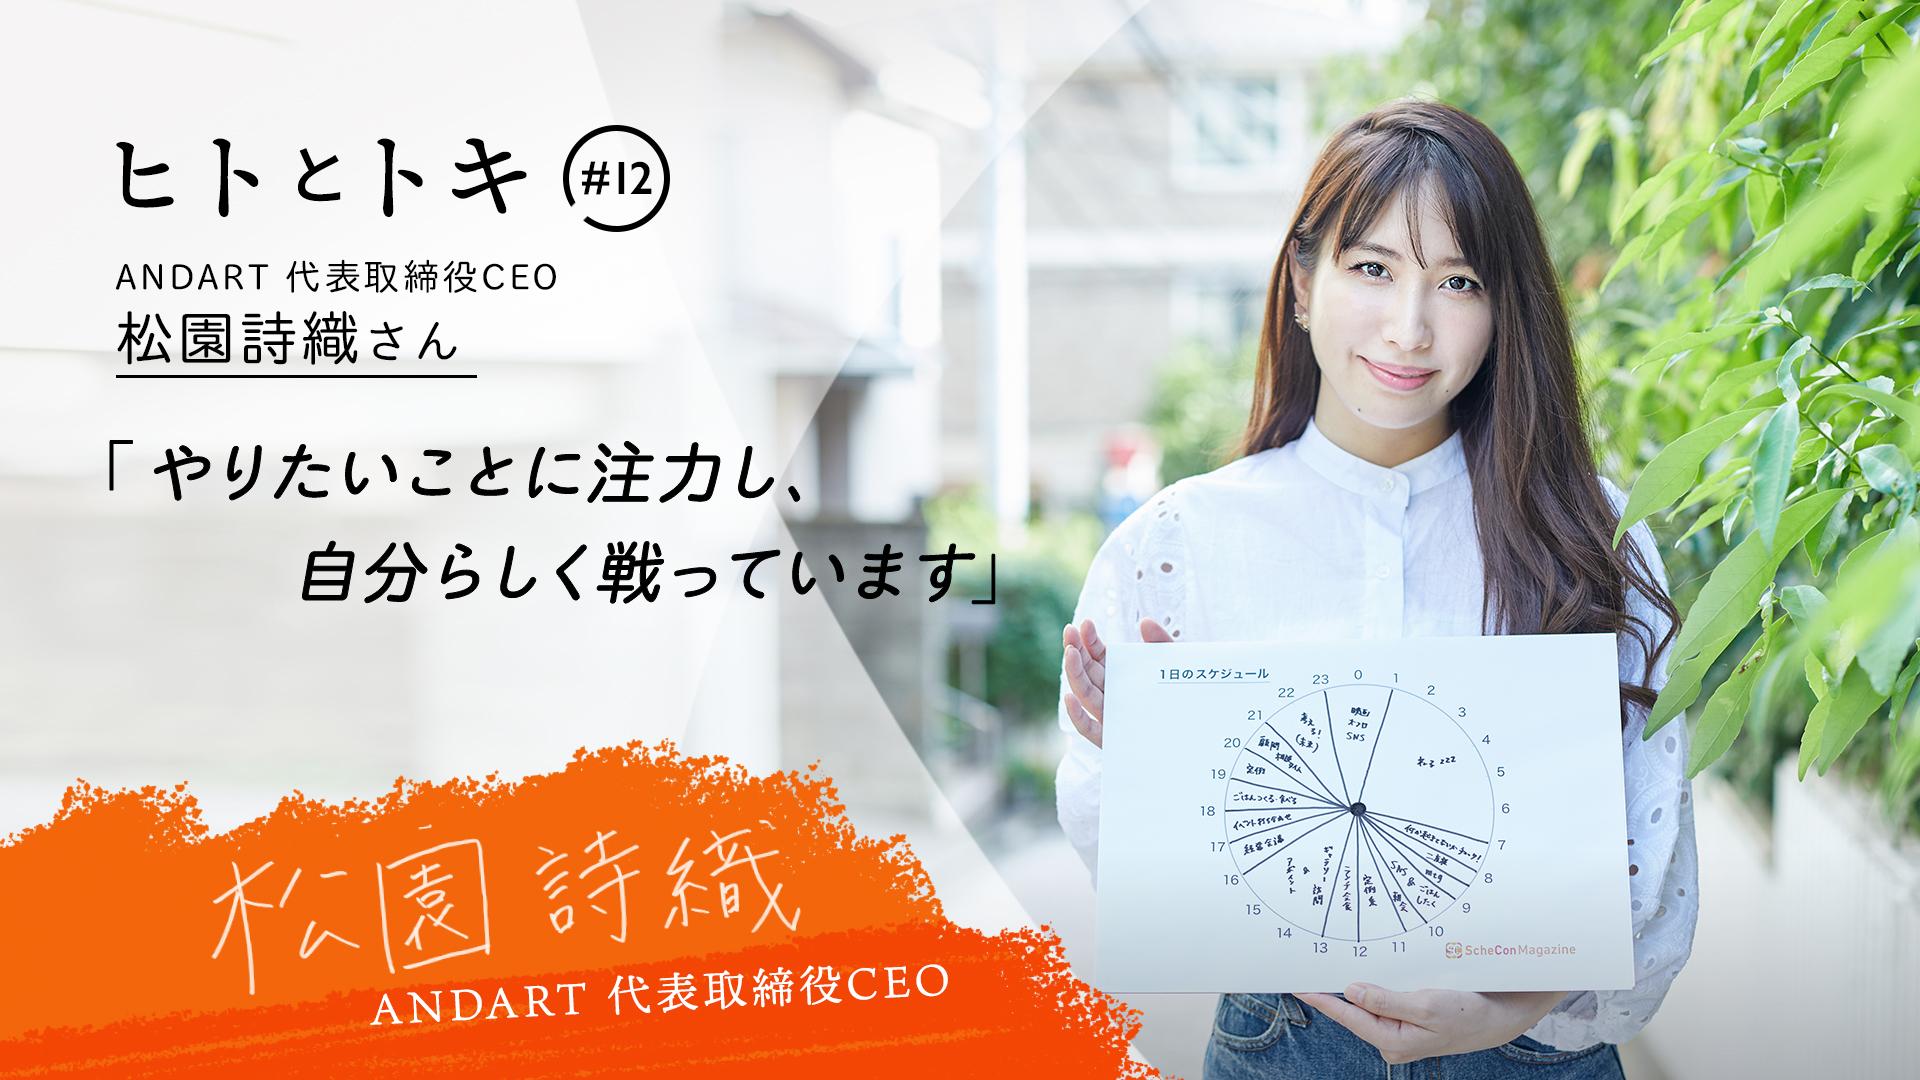 【ヒトとトキ♯12】ANDART代表取締役CEO・松園詩織さん「やりたいことに注力し、自分らしく戦っています」